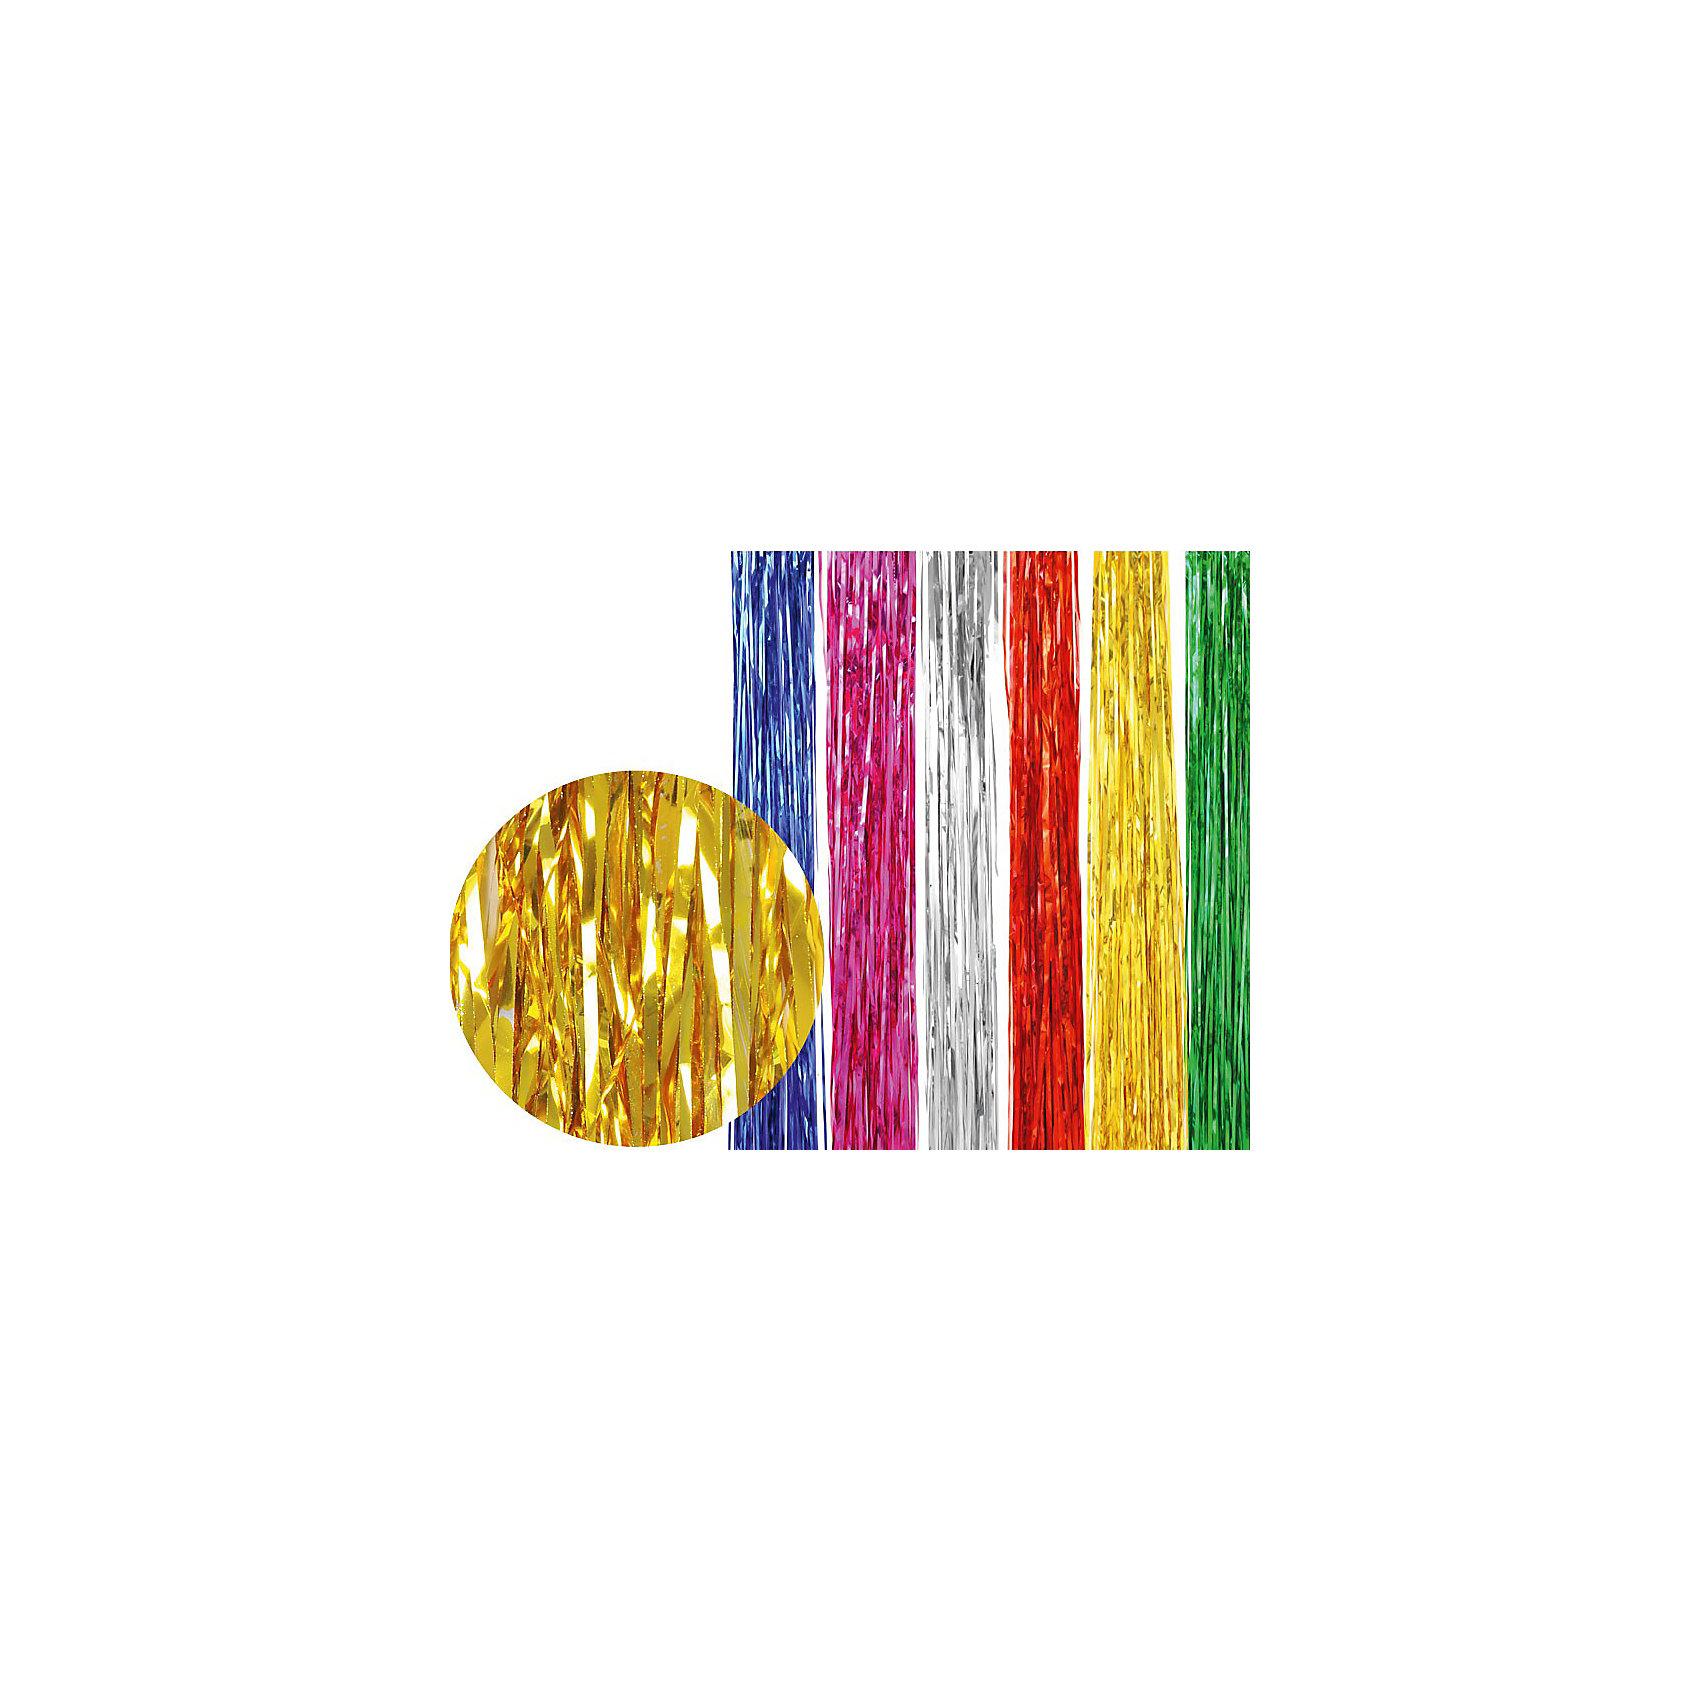 Дождик металлик 2 метра (цвета в ассортименте)Всё для праздника<br>Дождик (металлик). Незаменимый новогодний аксессуар. Разноцветный дождик подходит для украшения елки, оформления помещений и витрин, декорирования новогодних костюмов.<br><br>Дополнительная информация:<br><br>- Материал: фольга<br>- Цвет: серебро, золото, розовый, синий, зеленый, красный (в ассортименте)<br>- Размер: 2 м<br>- 10 штук в упаковке.<br><br>Дождик  можно купить в нашем магазине.<br><br>Ширина мм: 116<br>Глубина мм: 100<br>Высота мм: 100<br>Вес г: 116<br>Возраст от месяцев: 36<br>Возраст до месяцев: 216<br>Пол: Унисекс<br>Возраст: Детский<br>SKU: 3822107